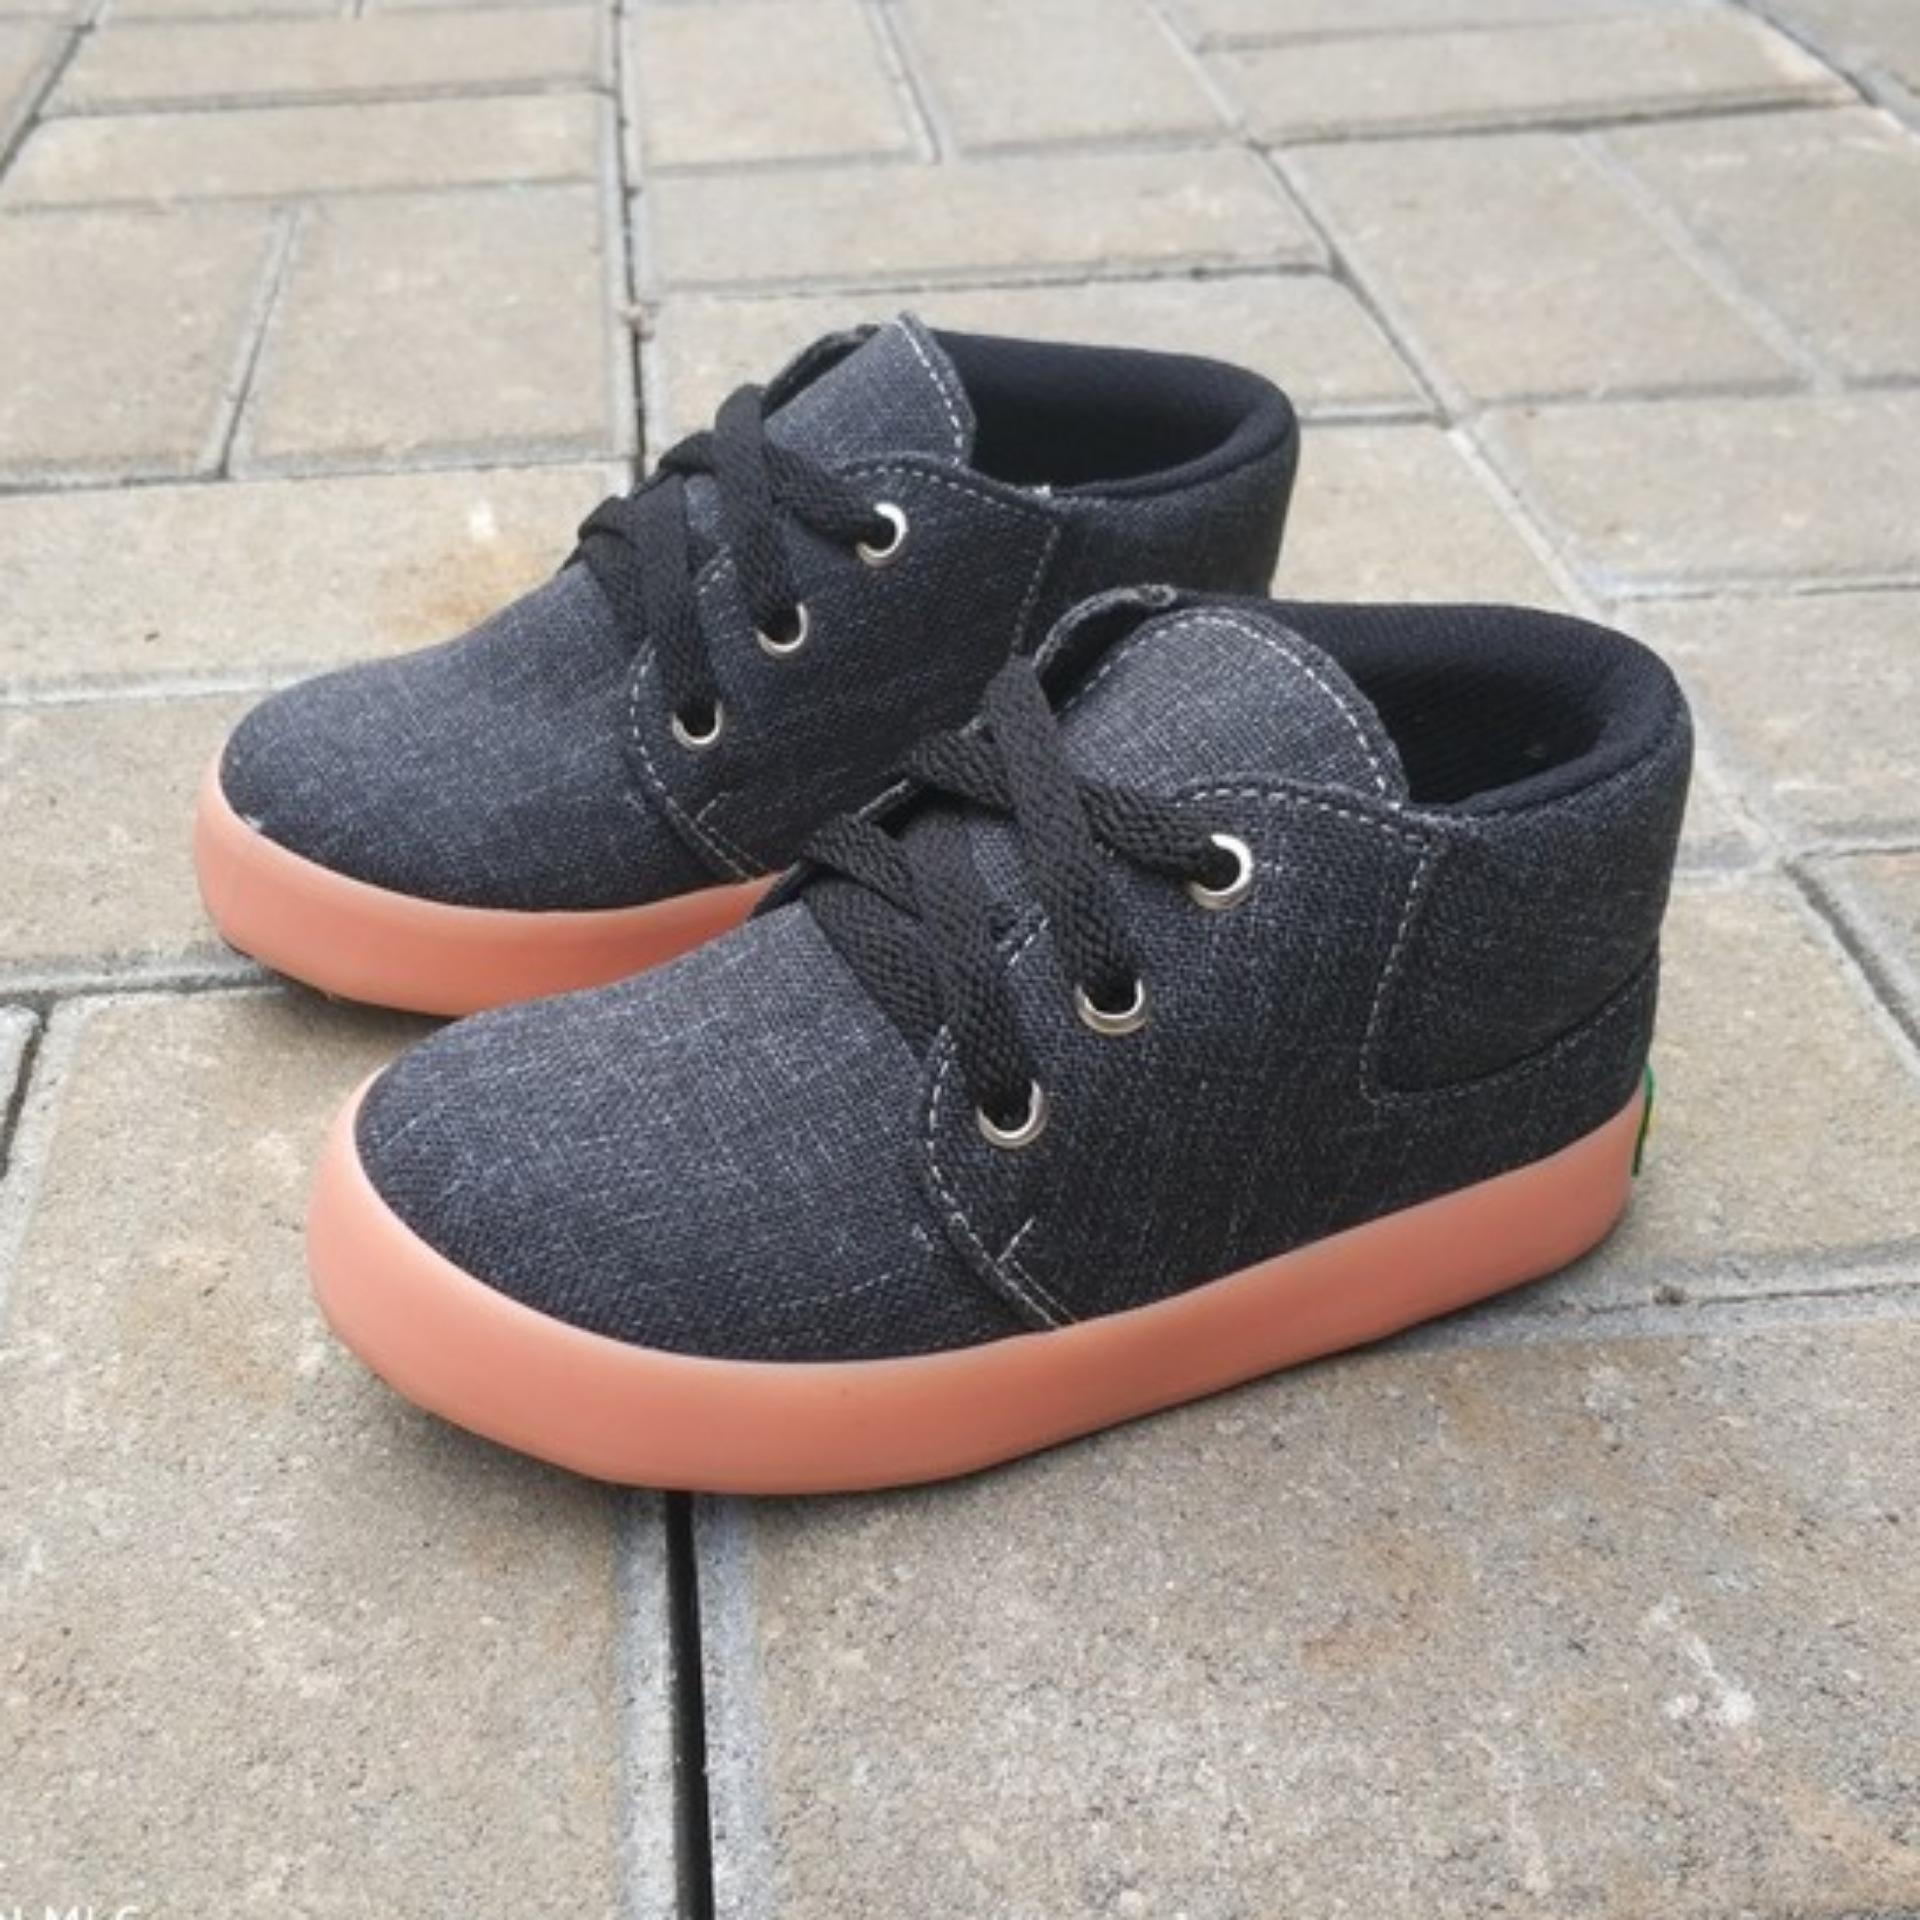 Jual Shuku Sepatu Sneaker Anak Laki Cowok Semi Boot Keren Casual Trendy Kekinian Di Jawa Barat